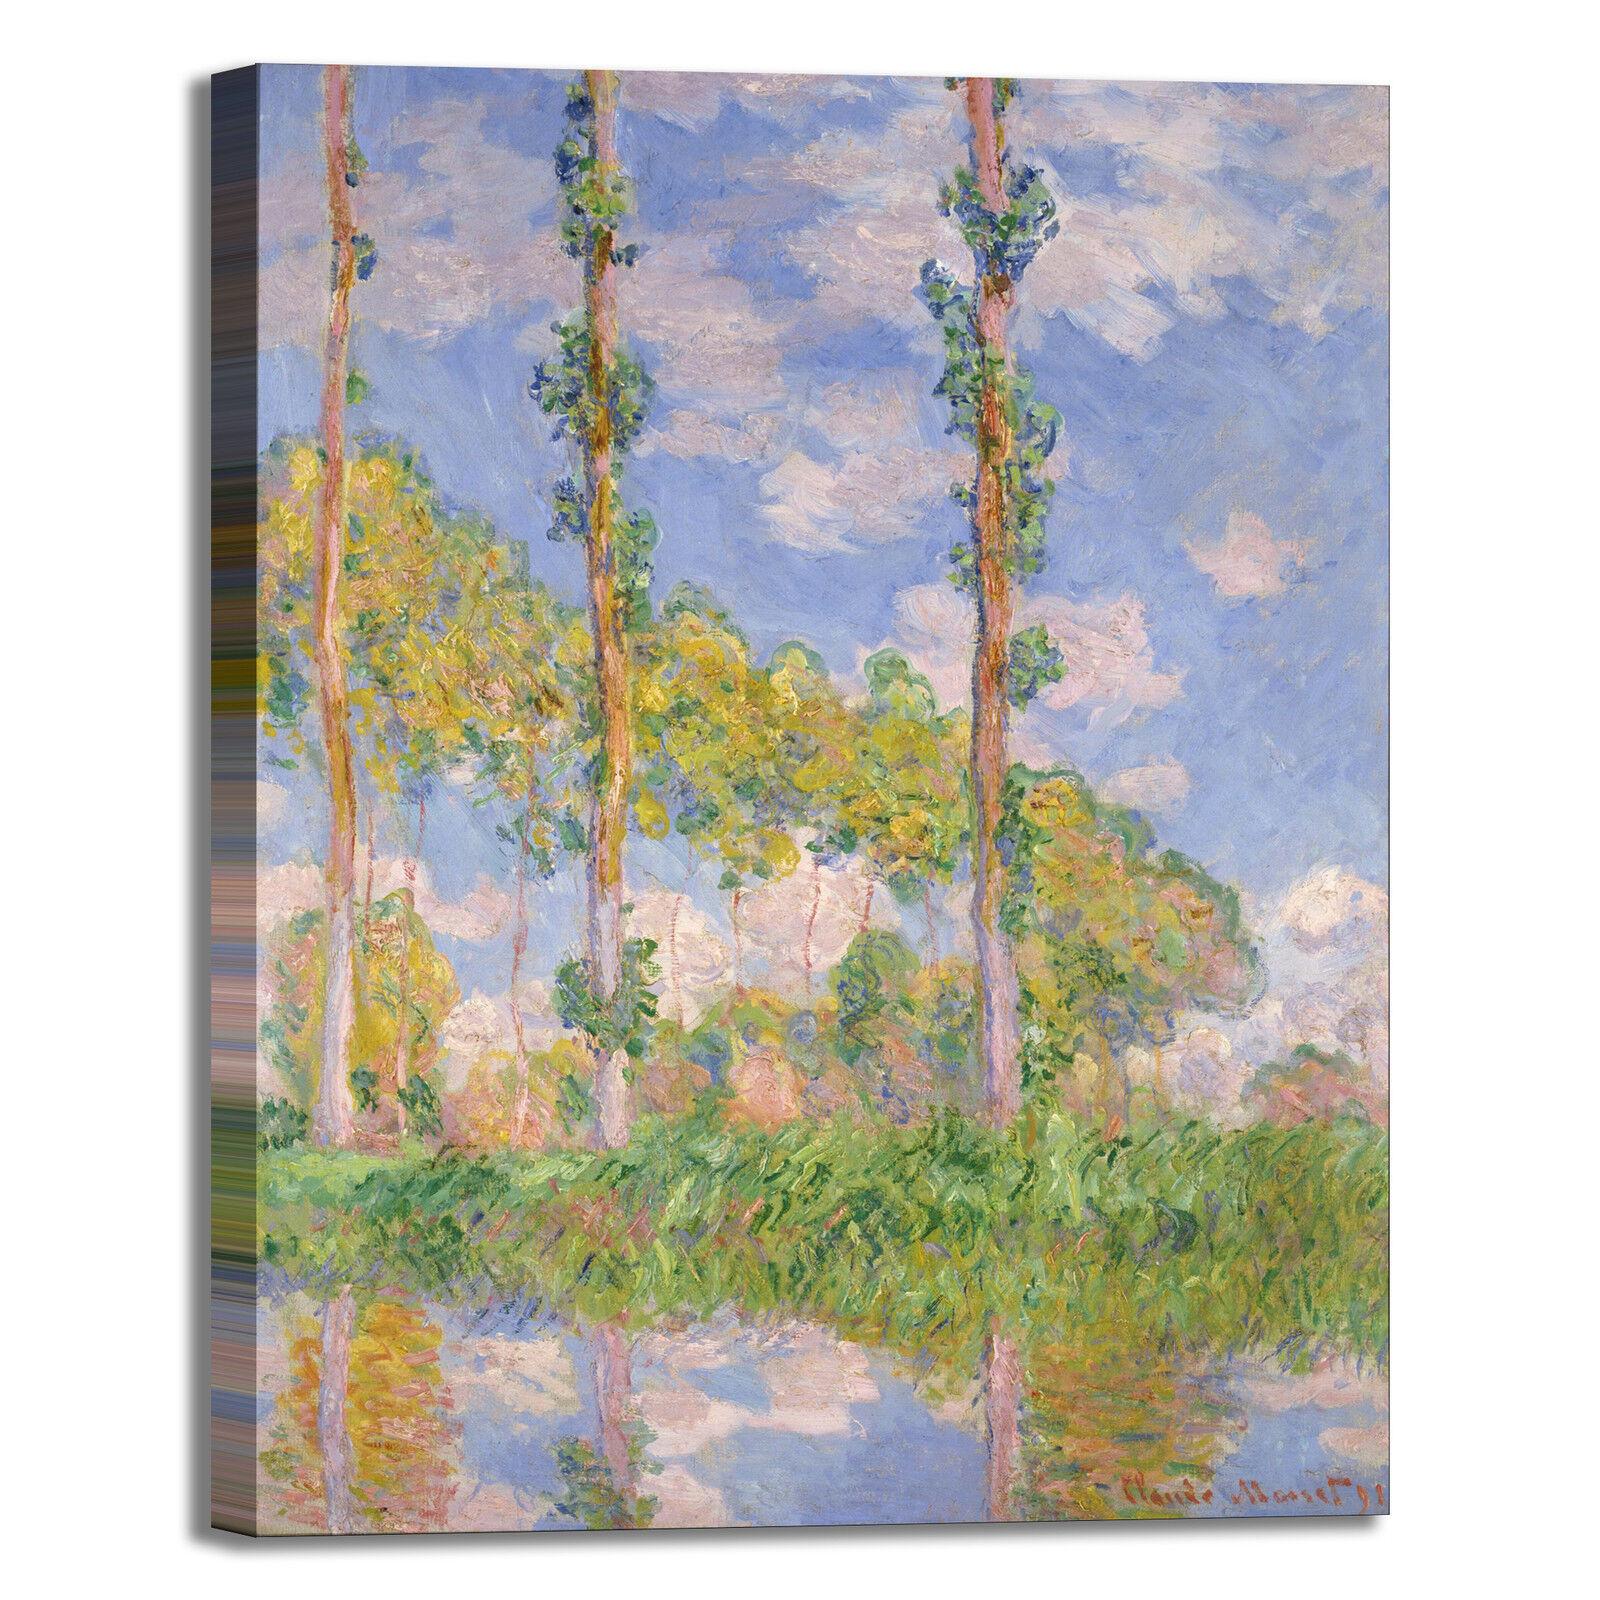 Monet pioppi nel sole design quadro stampa tela dipinto telaio arrossoo casa